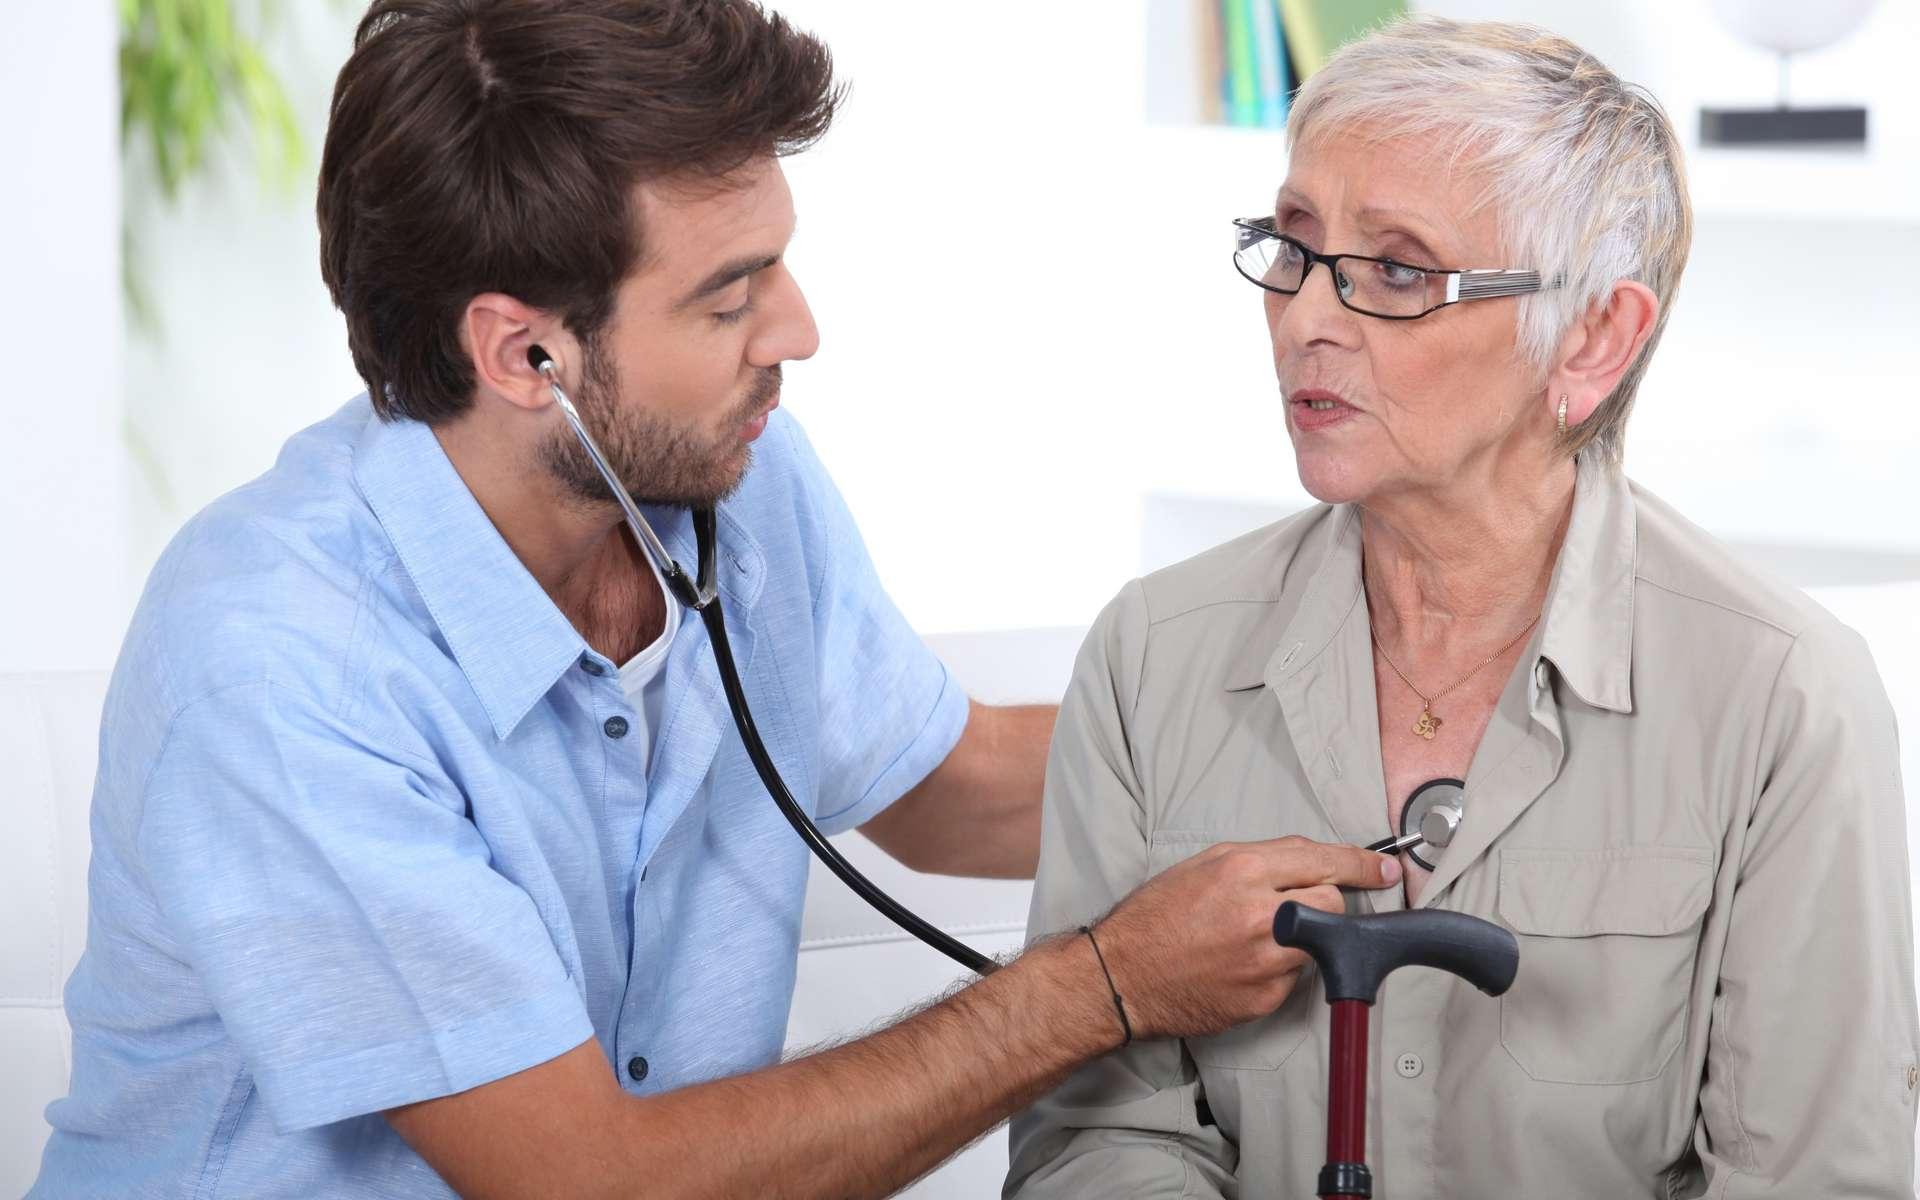 Les anticholinergiques sont de moins en moins utilisés contre la maladie de Parkinson. © Phovoir